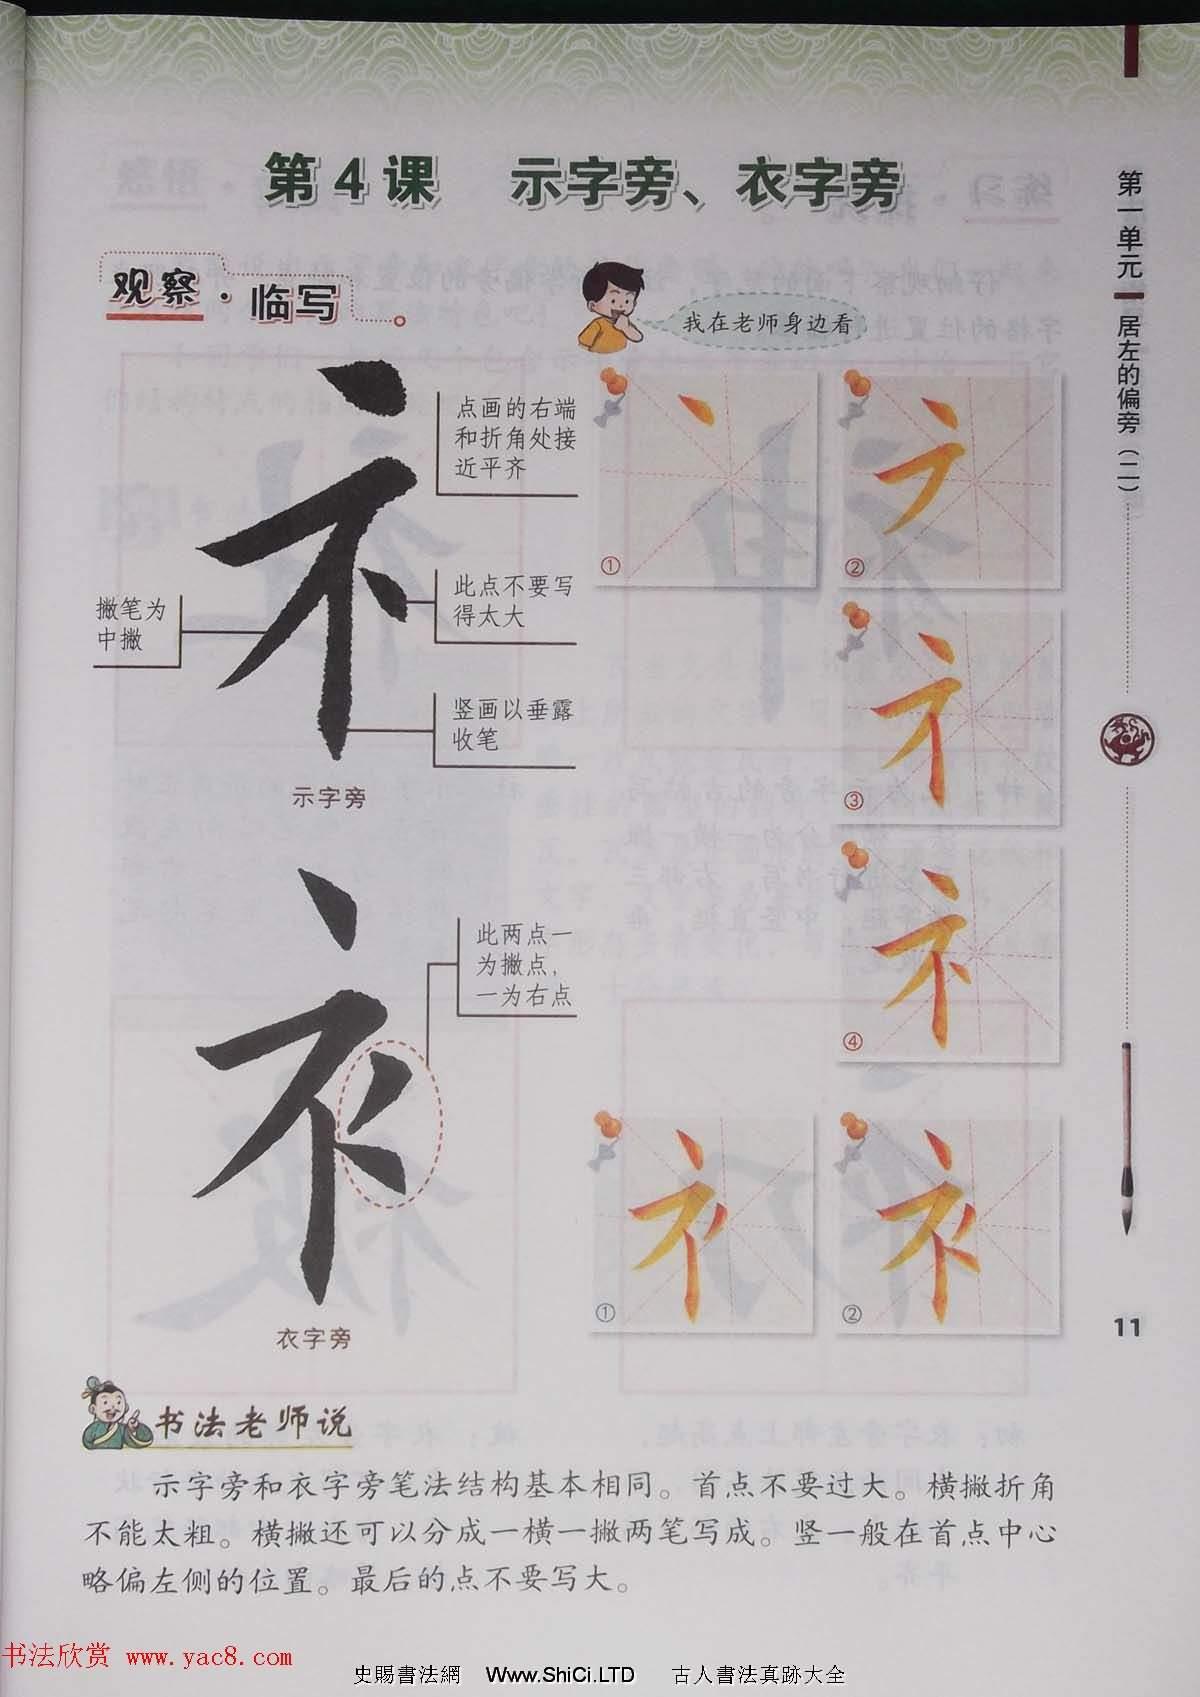 中小學書法教材《書法練習指導四年級下冊》